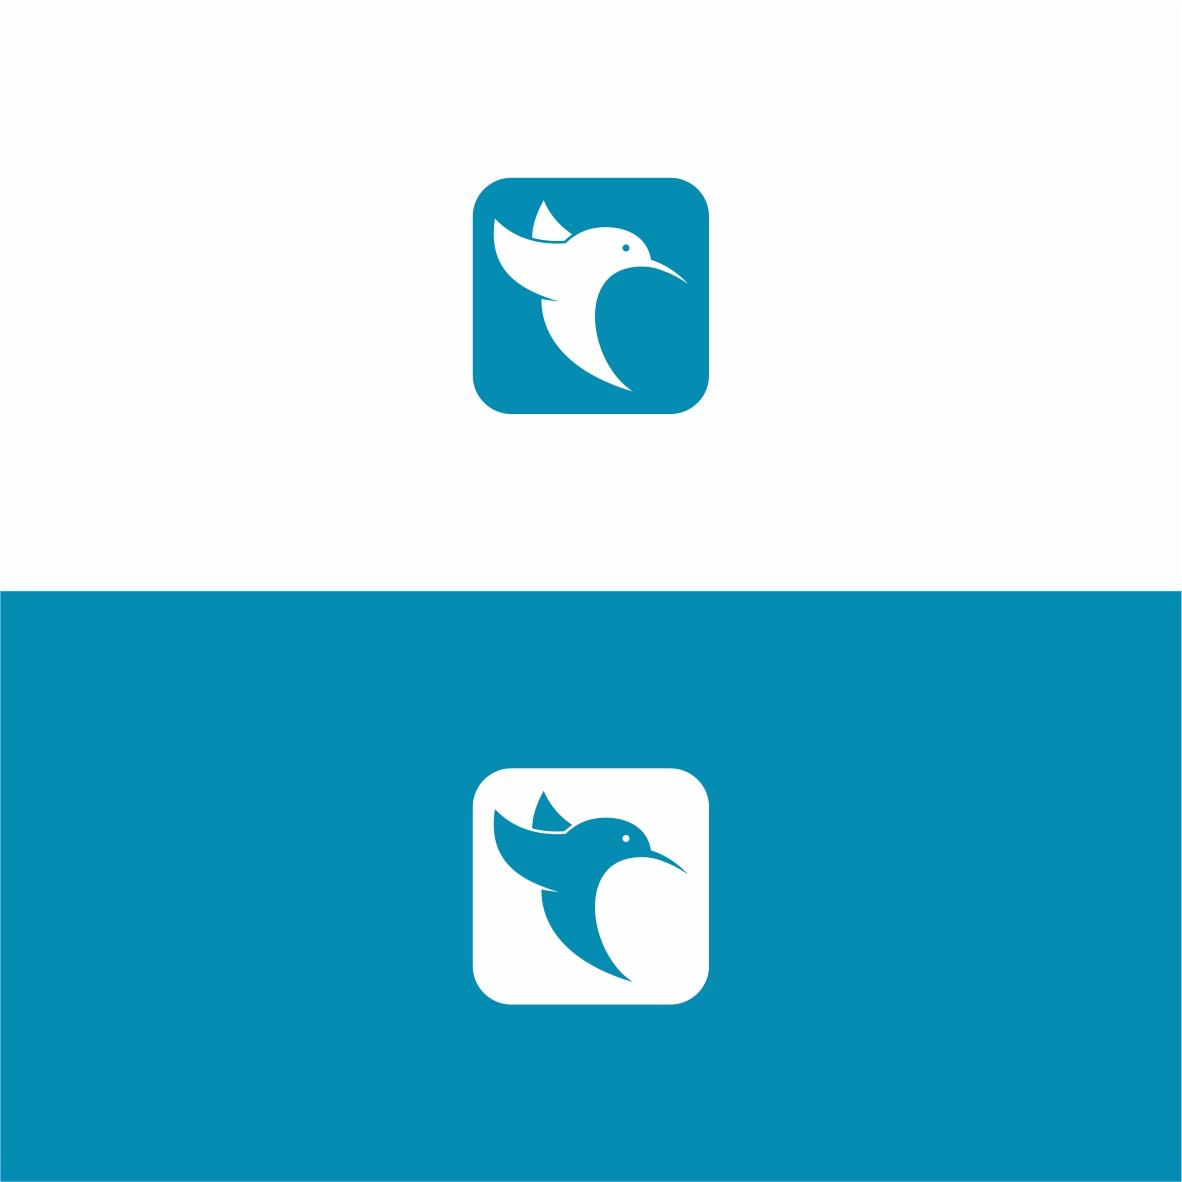 Дизайнер, разработка логотипа компании фото f_319557f210e3d550.jpg